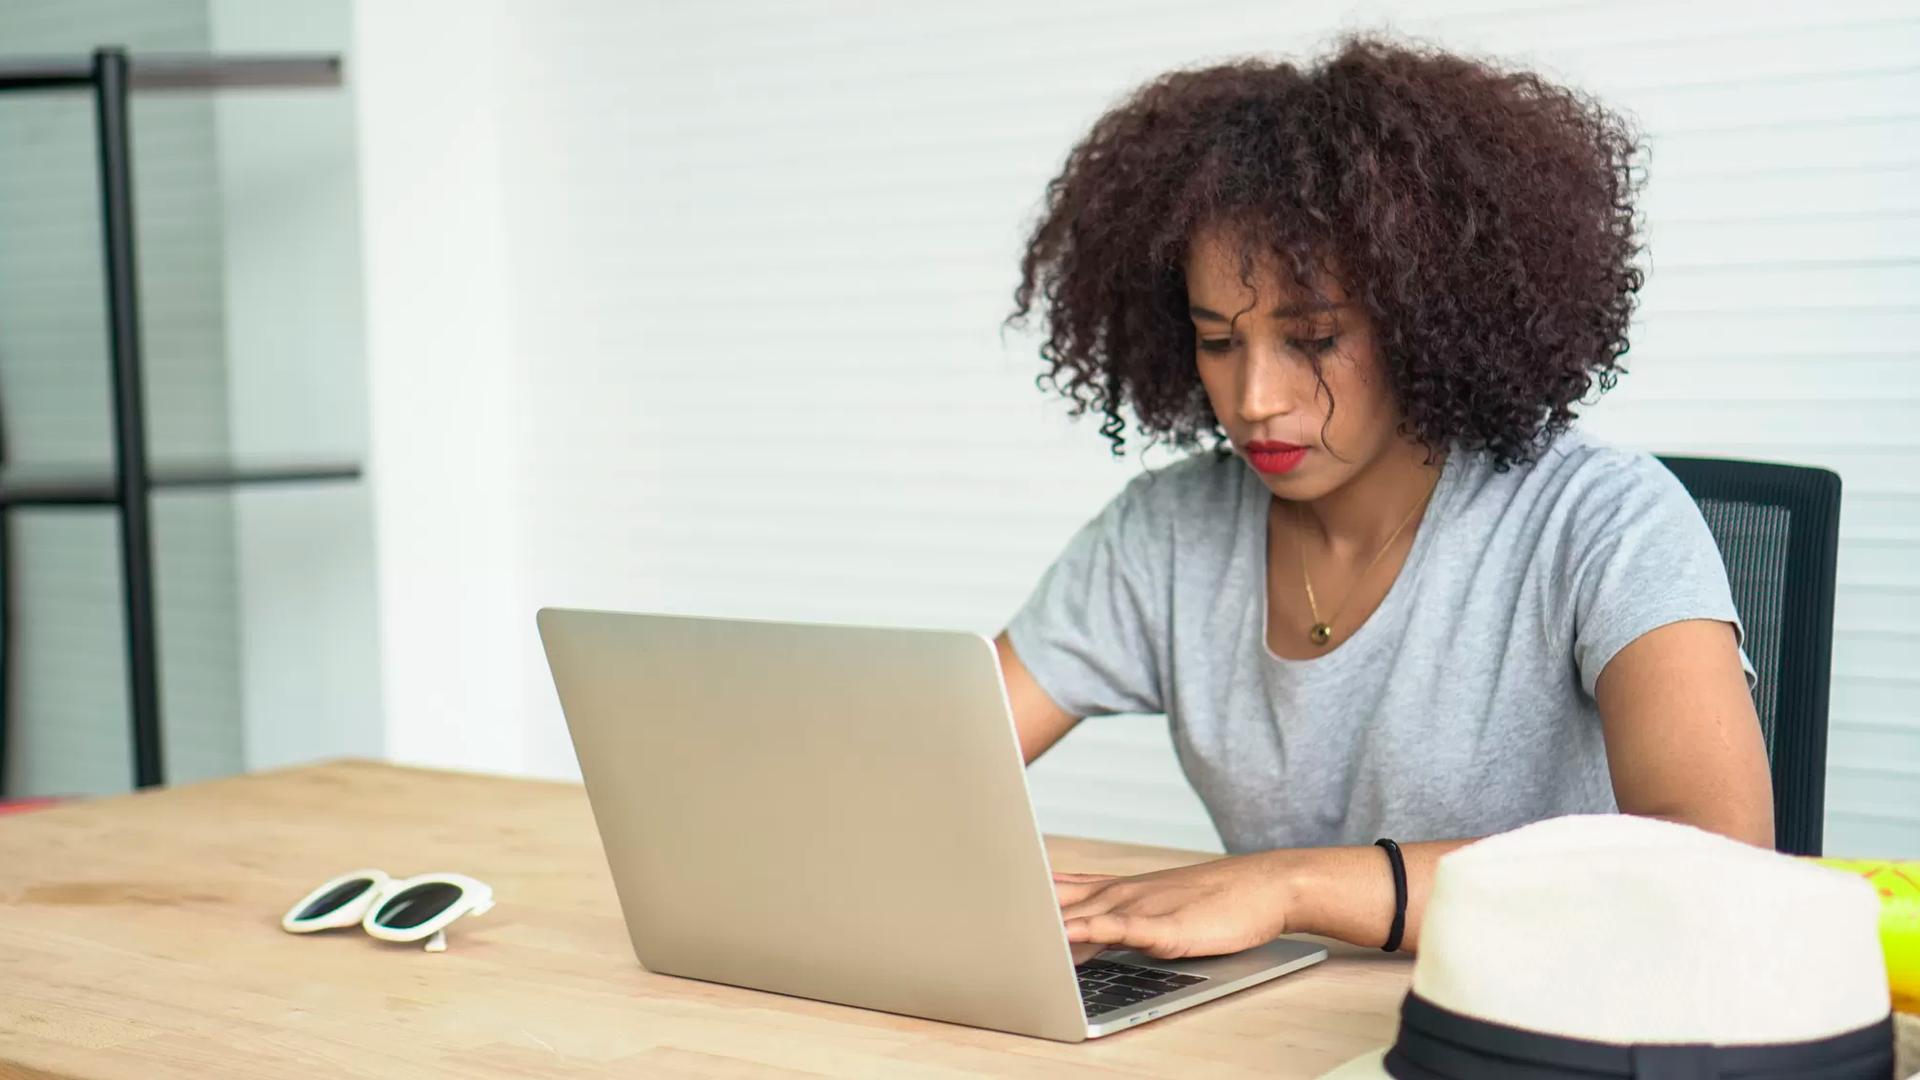 Algoritmos que escaneiam cv atrapalham a busca de emprego de 27 milhões de pessoas